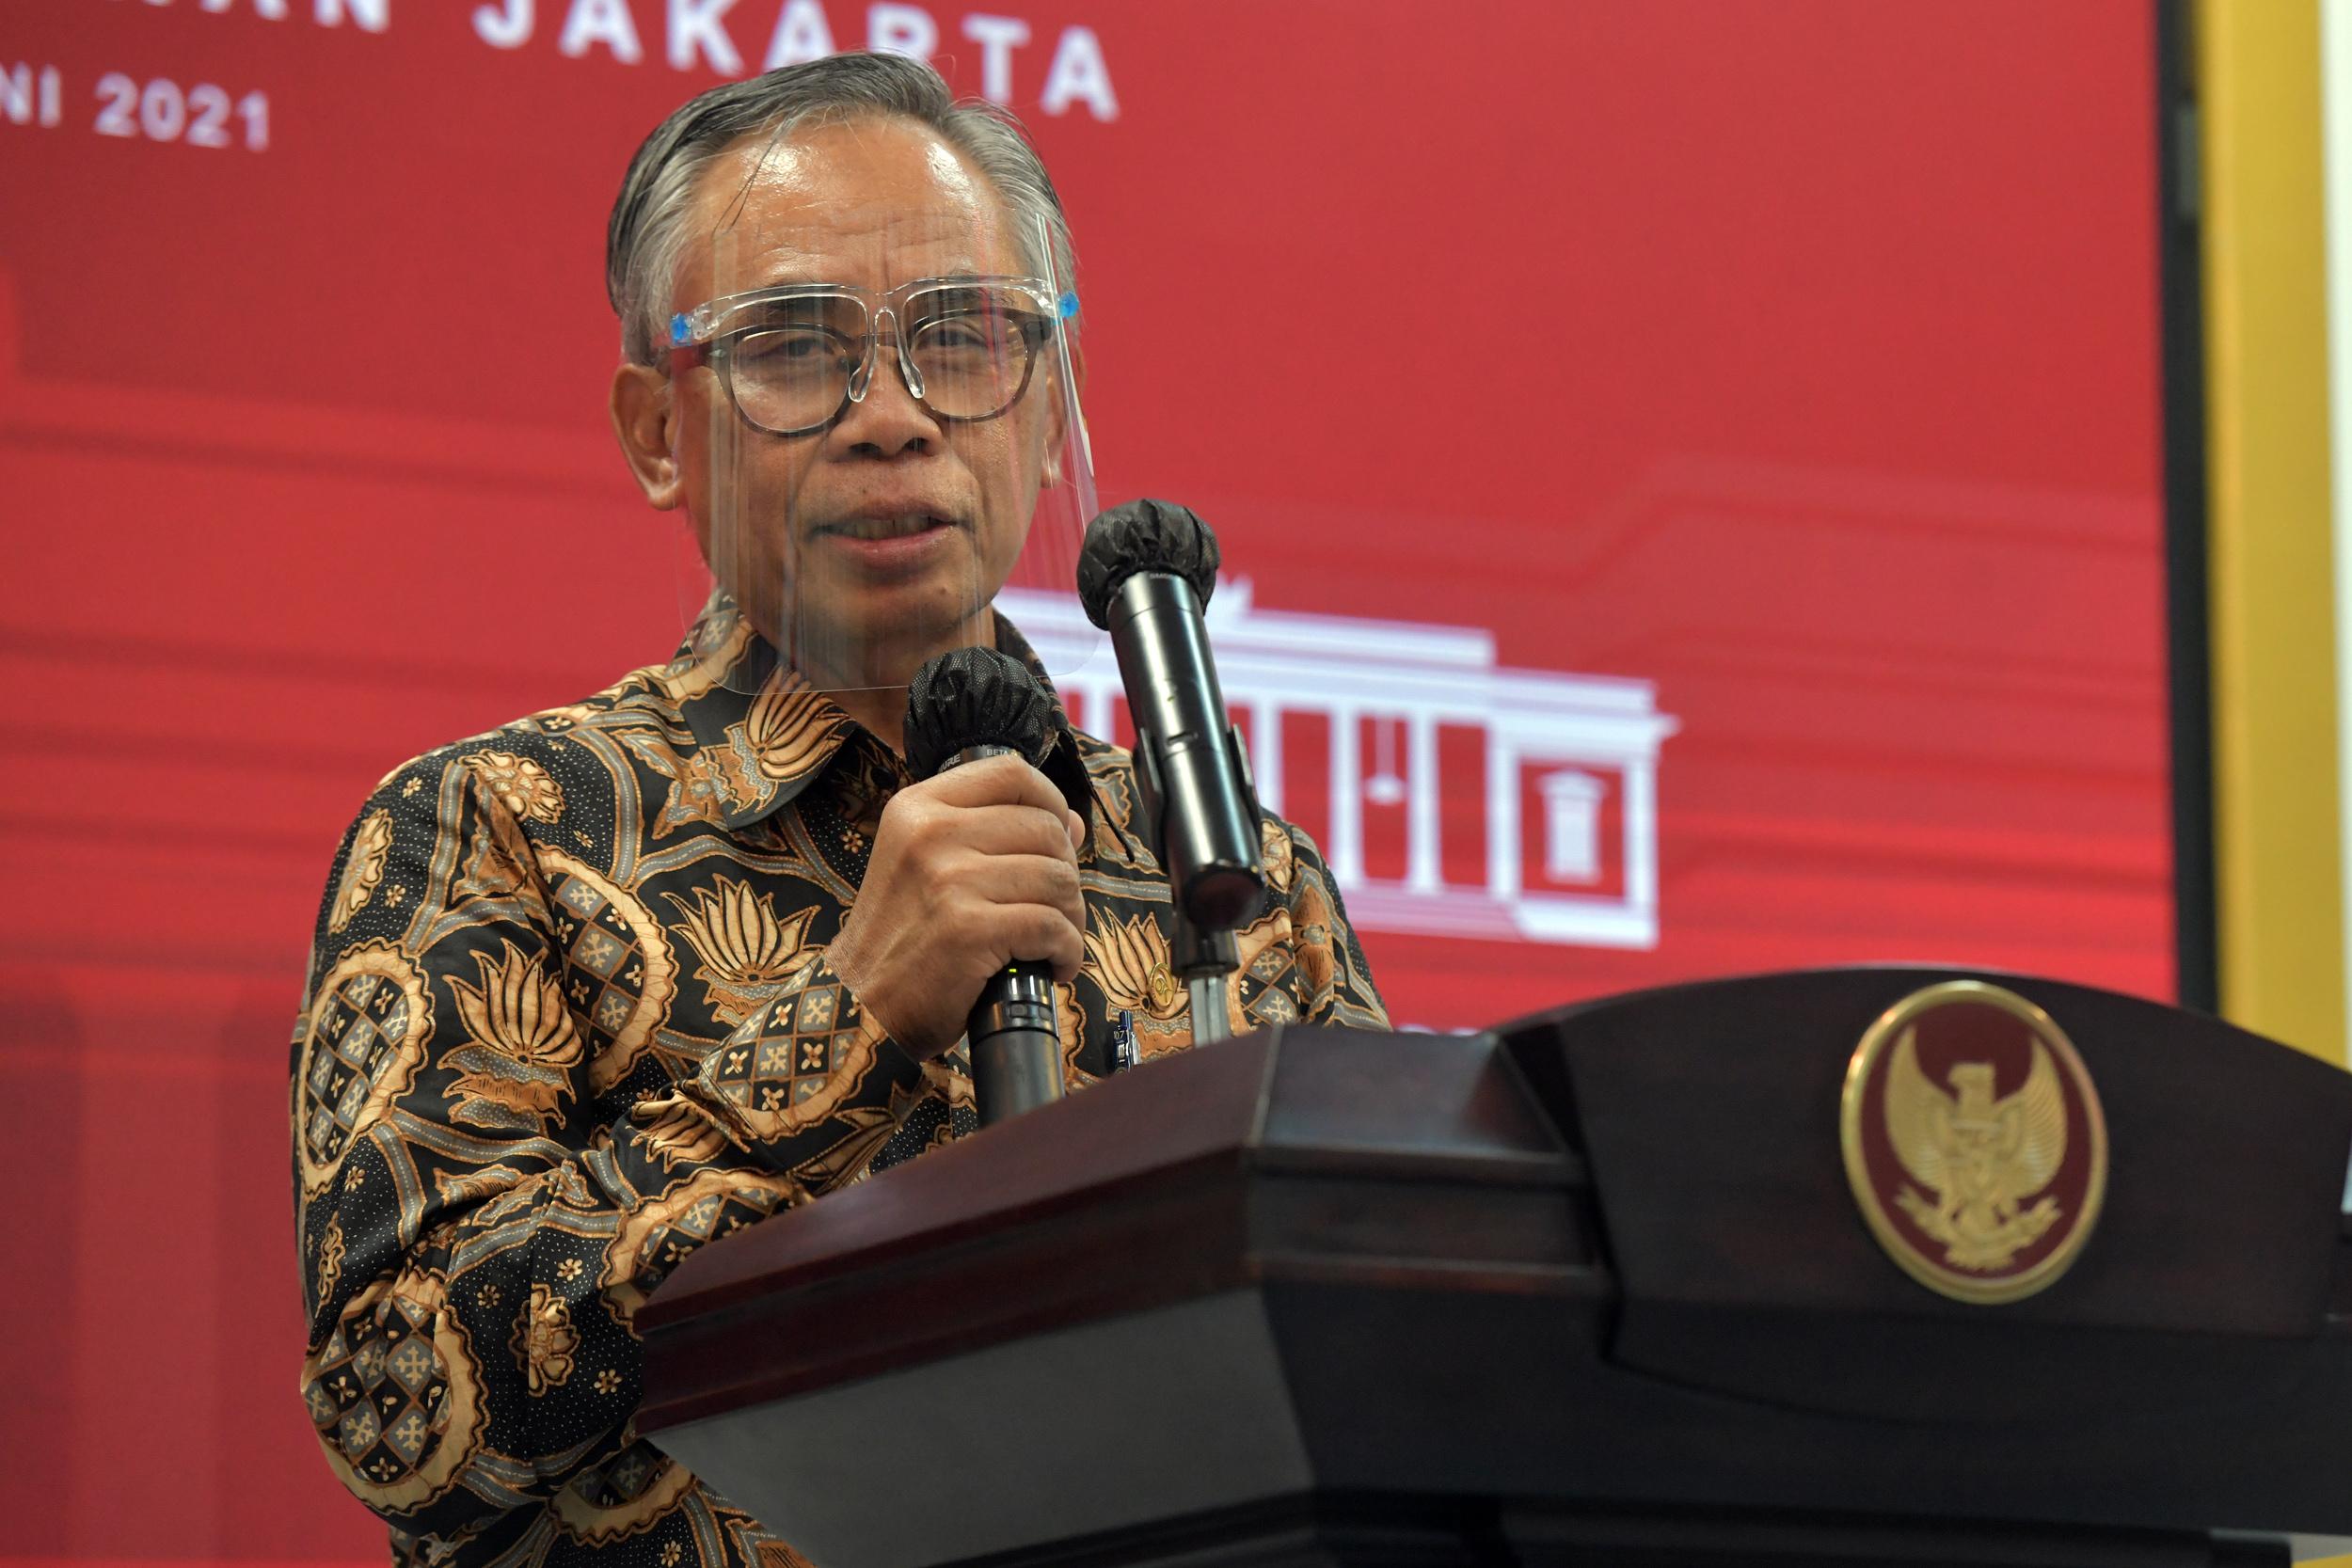 Ketua Dewan Komisioner OJK Wimboh Santoso saat memberikan keterangan pers usai Rapat Terbatas mengenai Hilirisasi Ekonomi Digital, Kamis (10/06) sore, di Jakarta